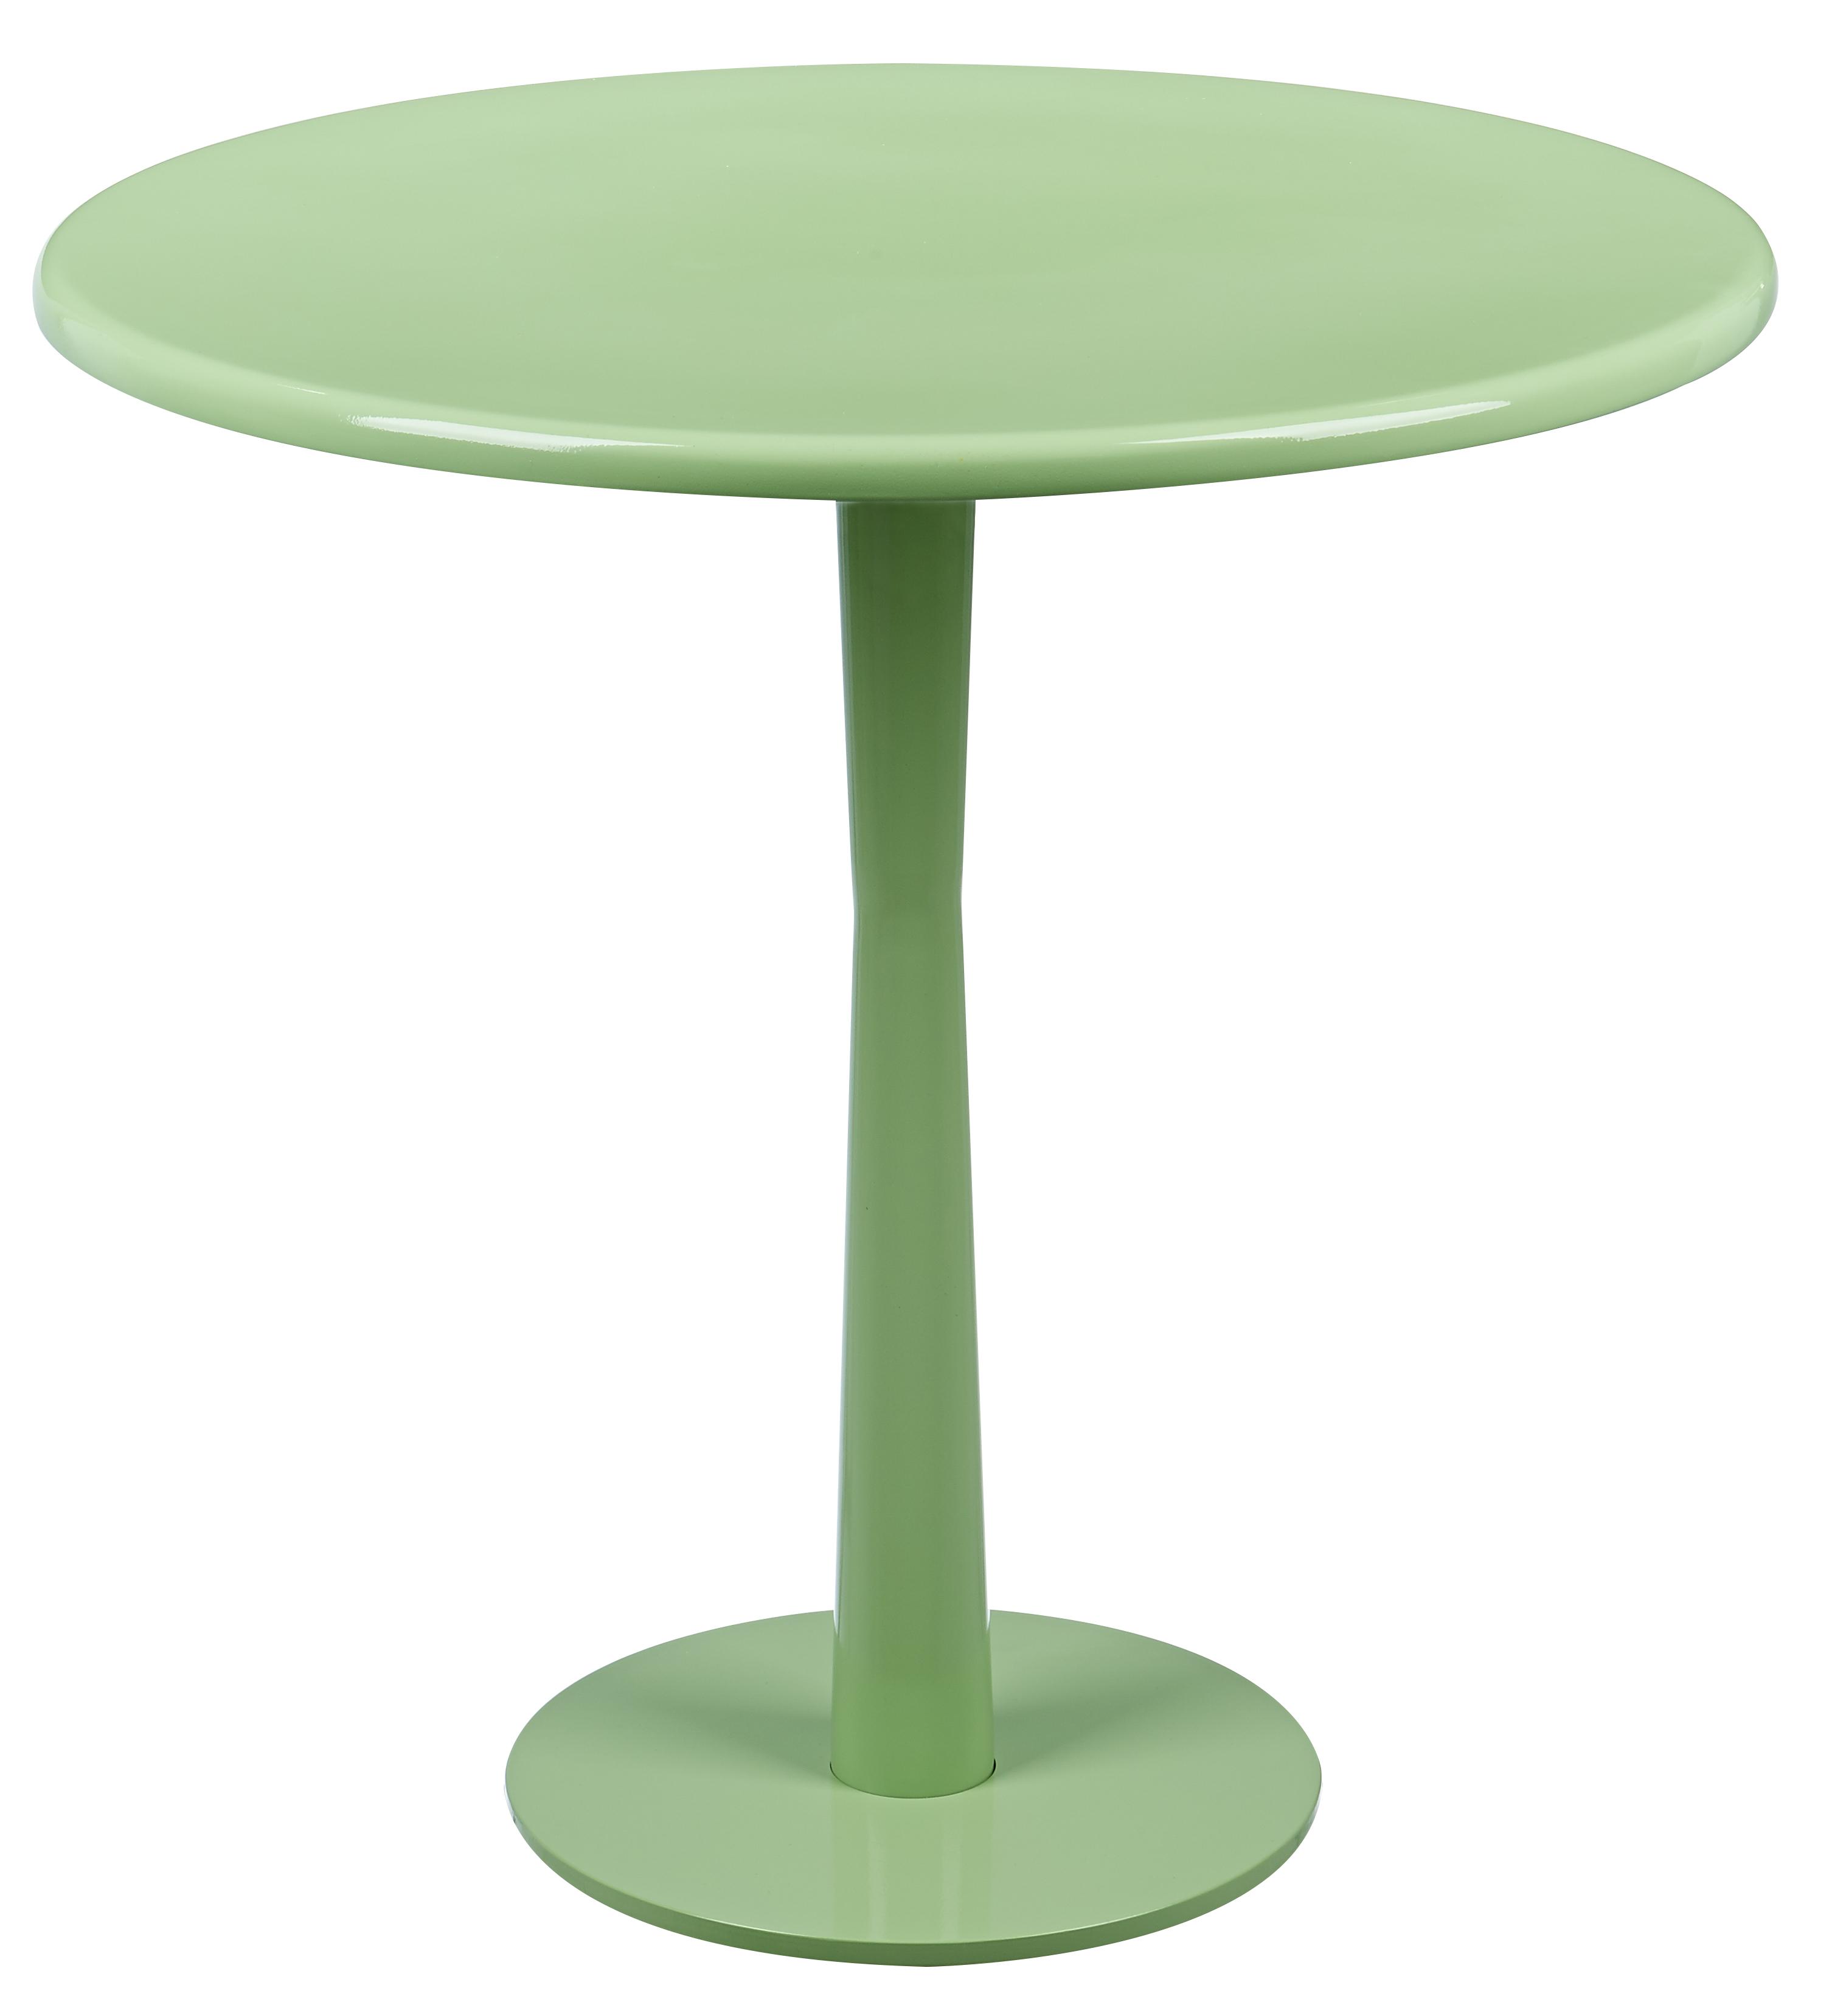 馬卡龍系列邊桌/綠色